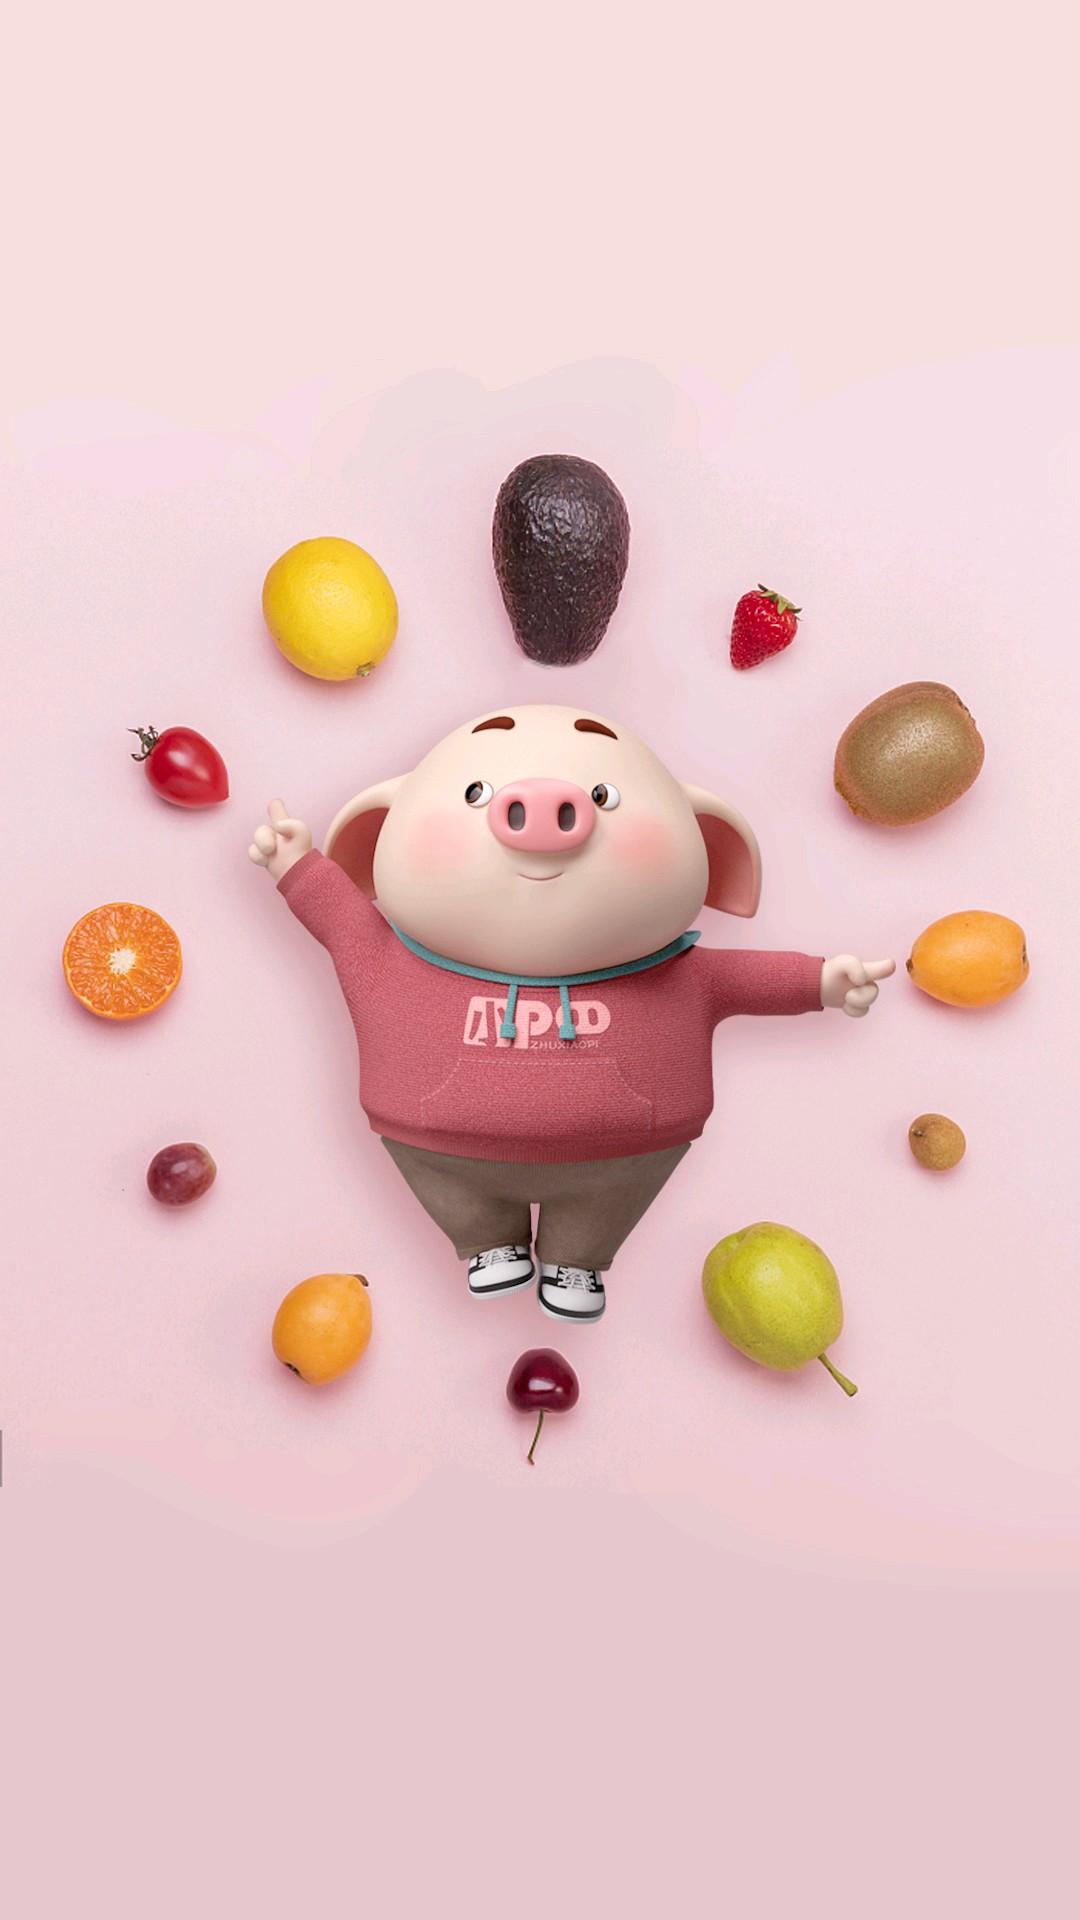 【v粉主题素材壁纸】猪小屁,可爱吗?-手机主题-vivov